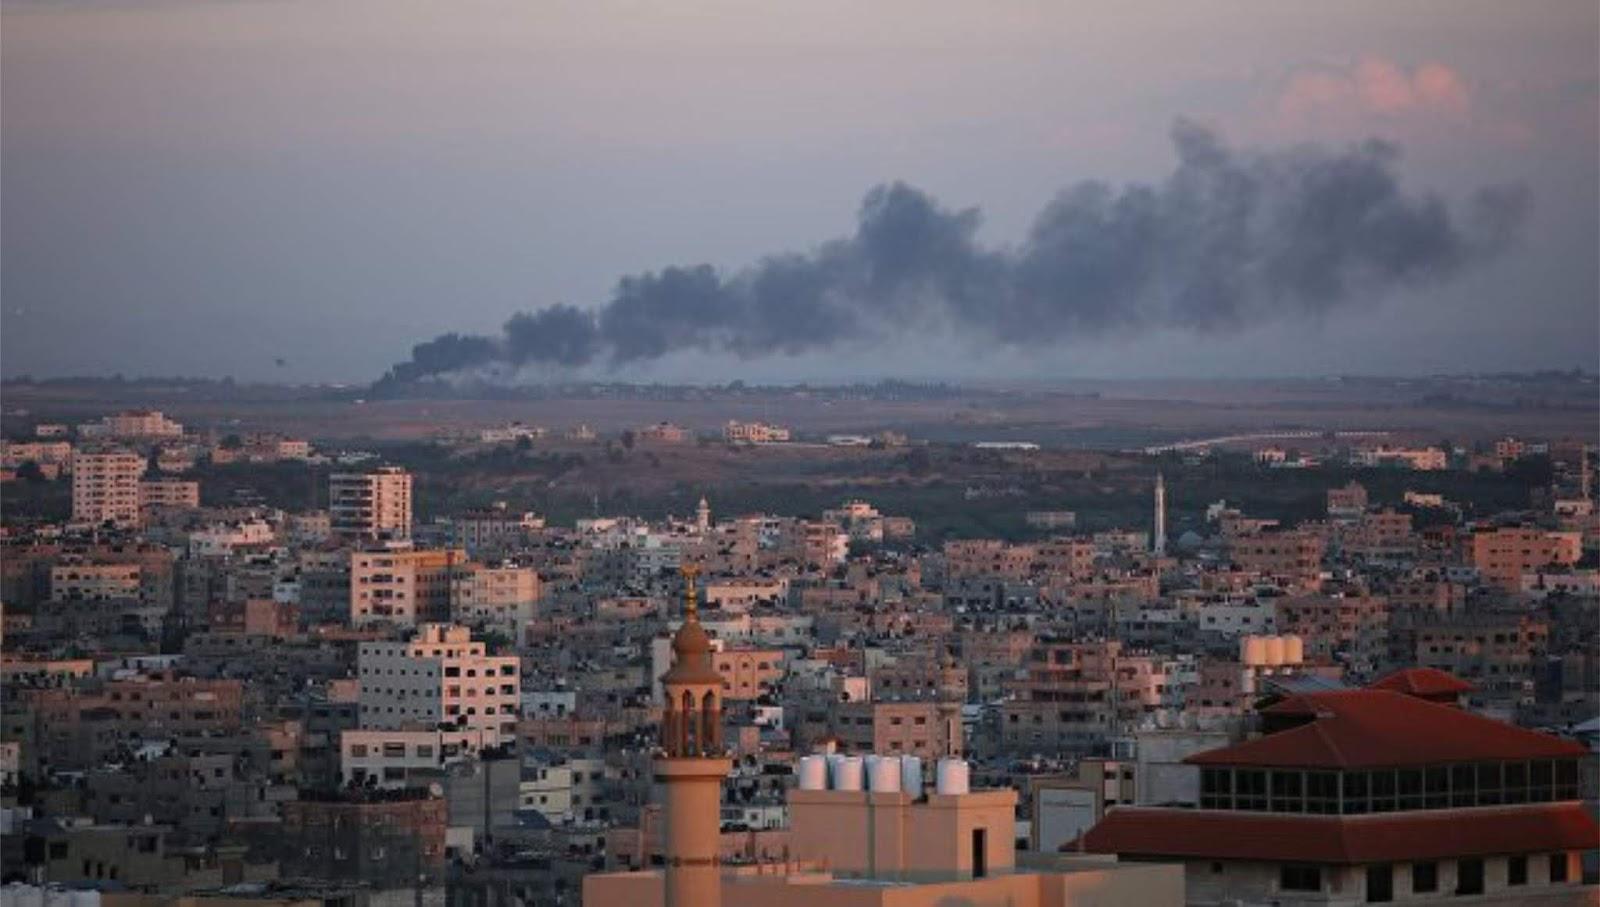 Akibat konflik para pemimpin Israel dan Palestina memperpendek waktu kunjungan di luar negeri